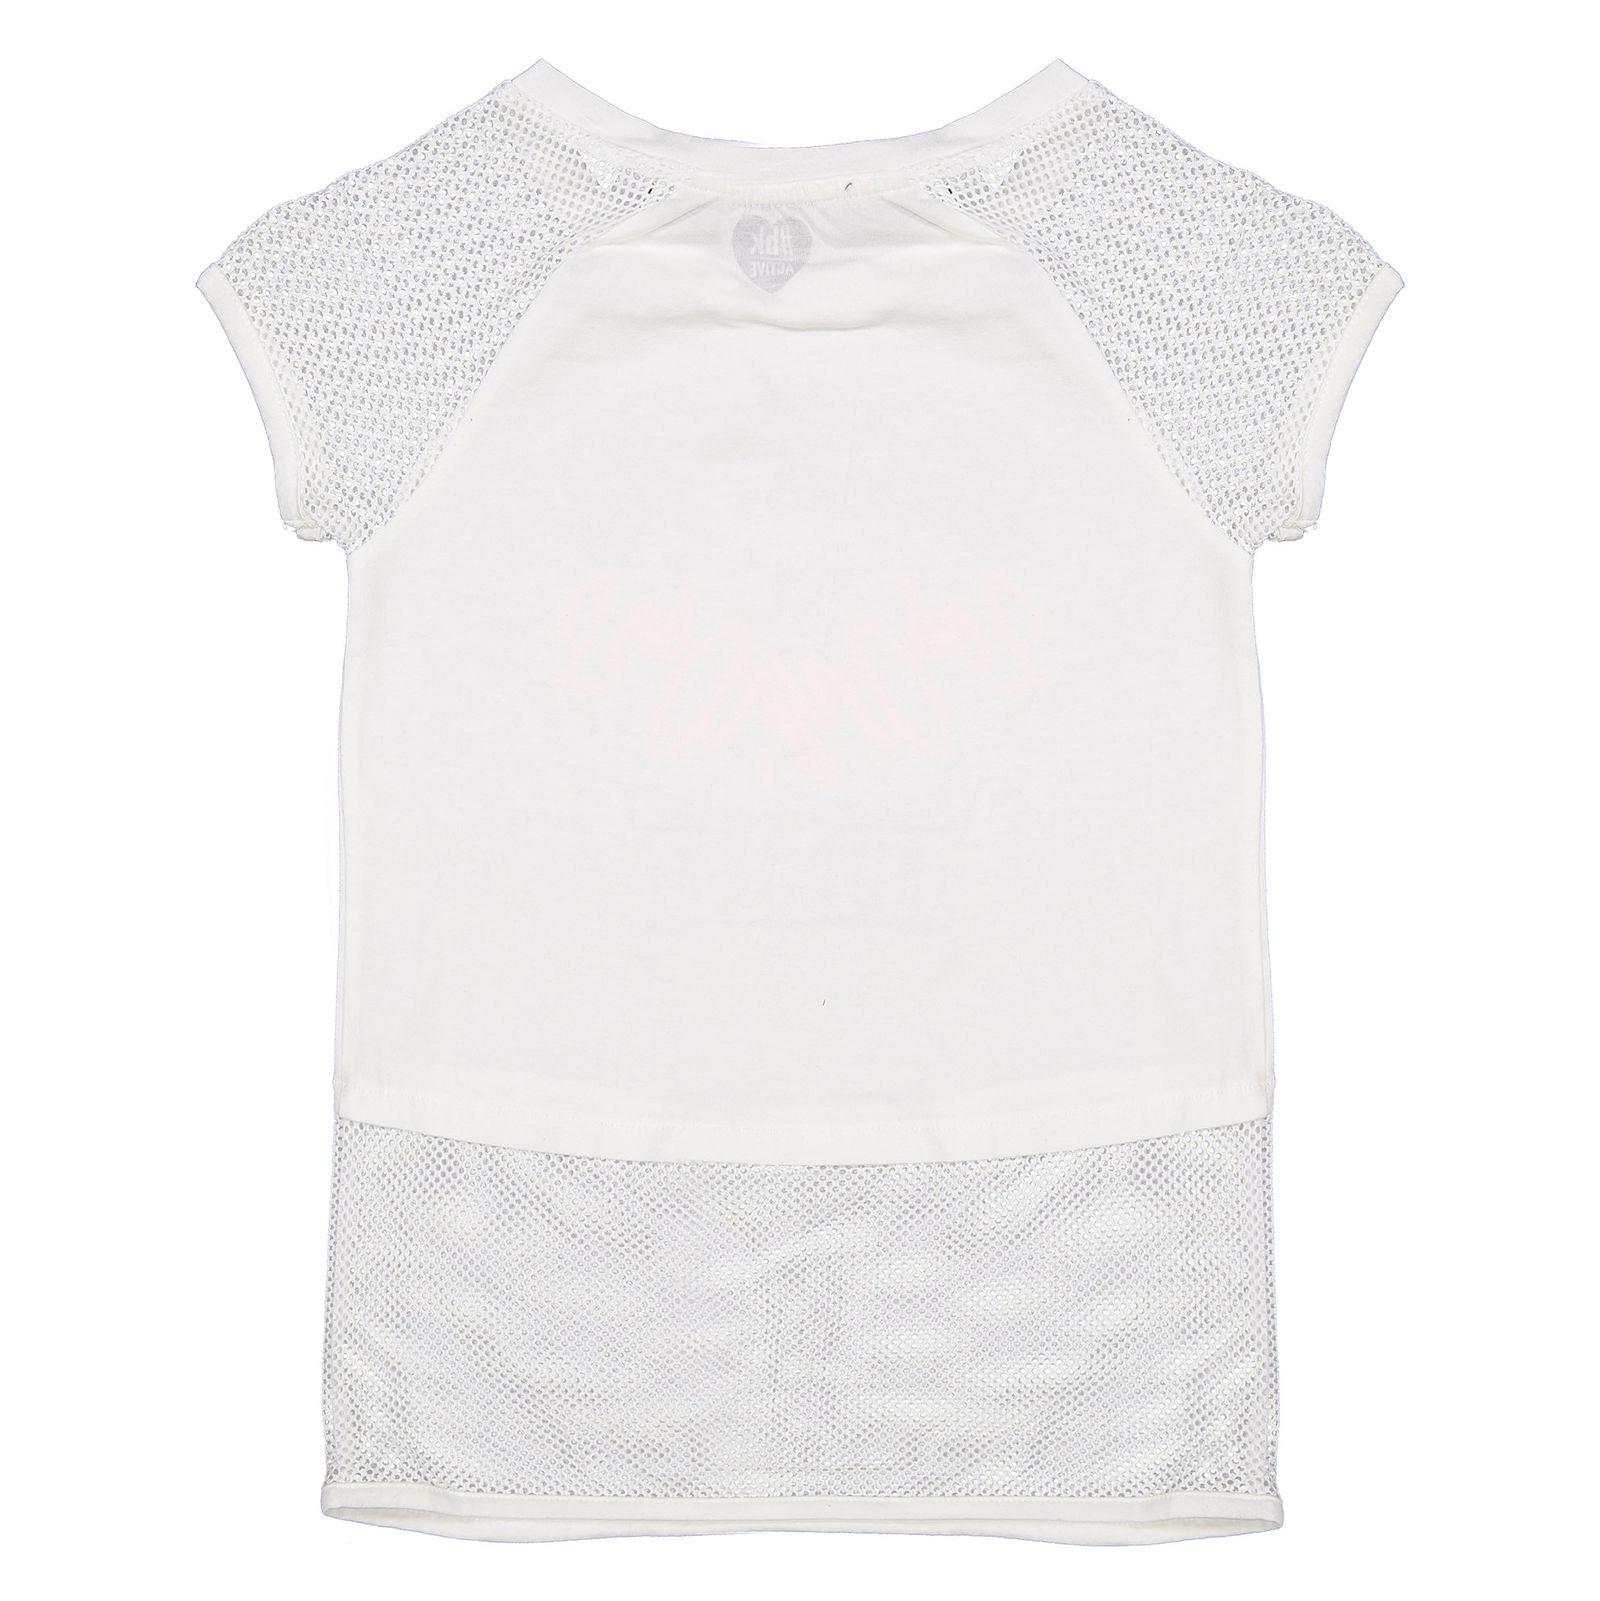 تی شرت و شلوار دخترانه - بلوکیدز - سفيد/مشکي - 3